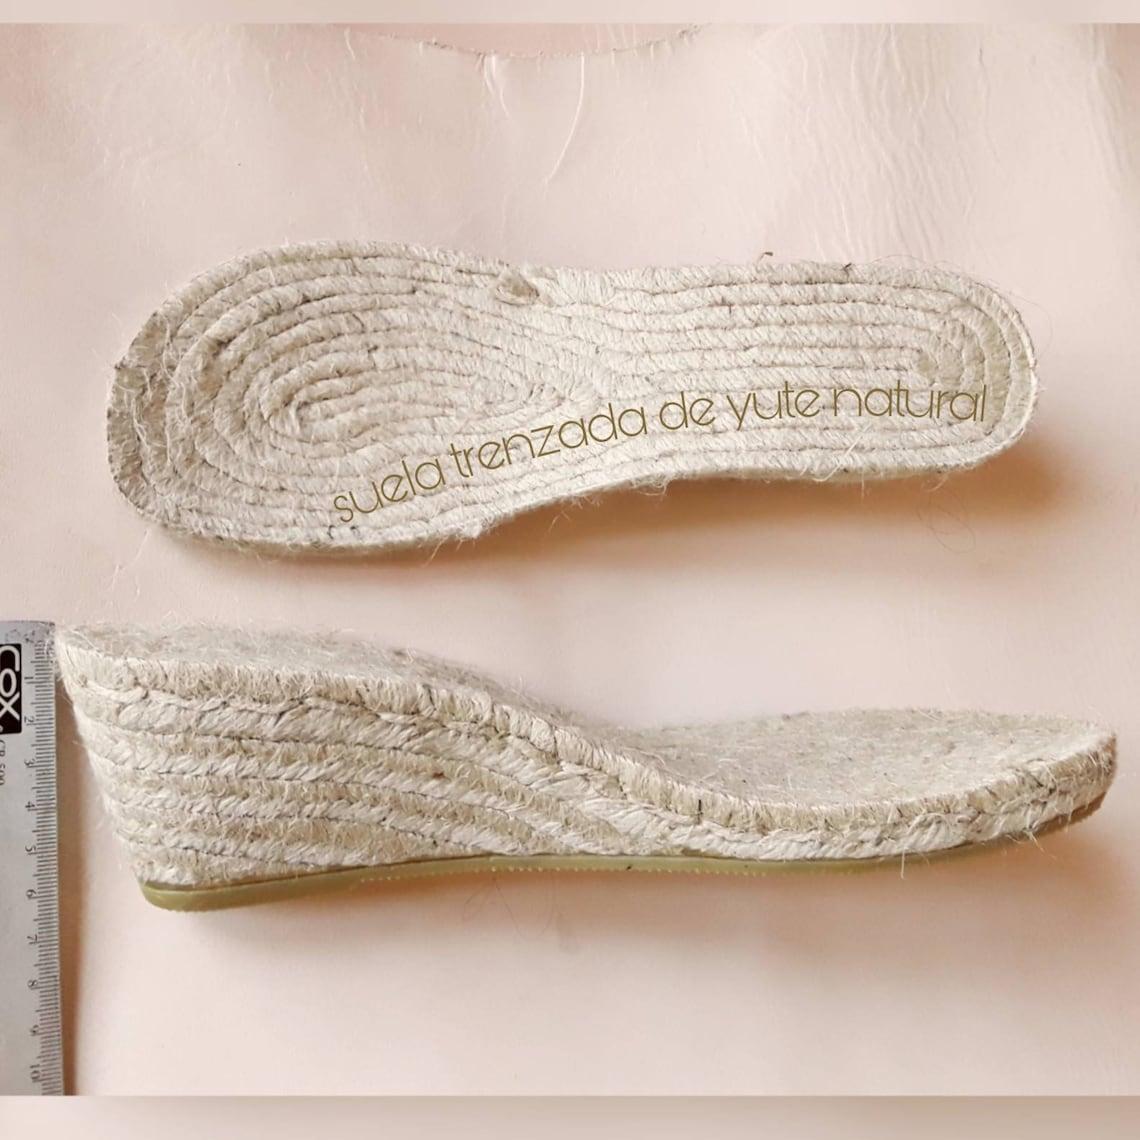 Sandalia espadrille dos tiras. Sandalia espadrille destalonada. Espadrille dos tiras anchas ajustables hebilla. Sandalia hebillas redondas